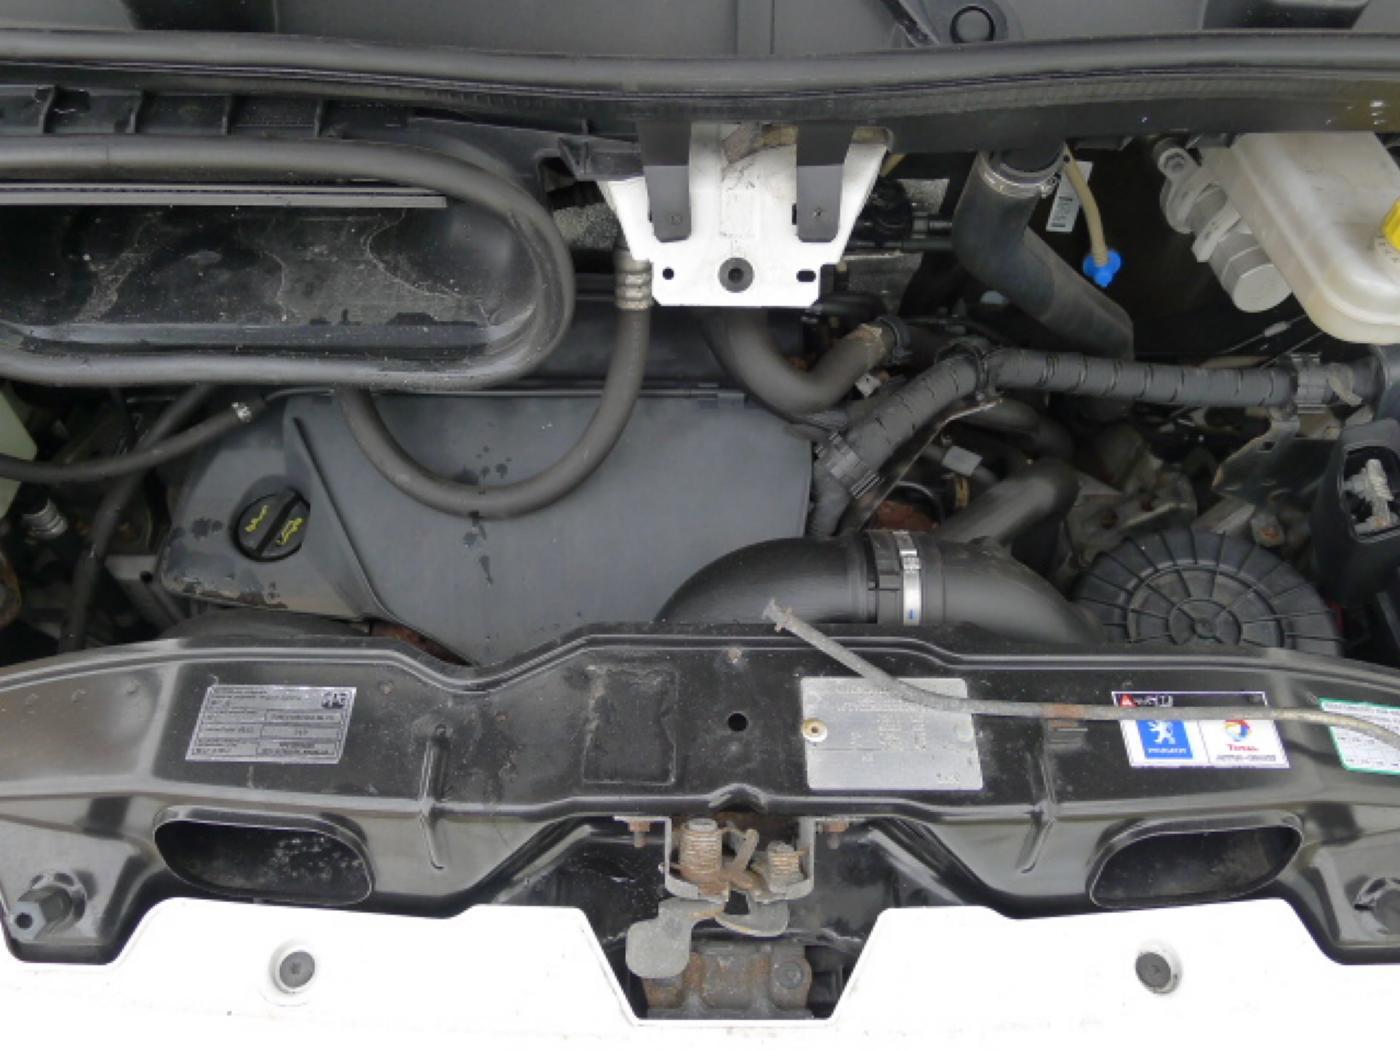 Peugeot Boxer 2,2 HDI valník + klima Akce!!! - 15